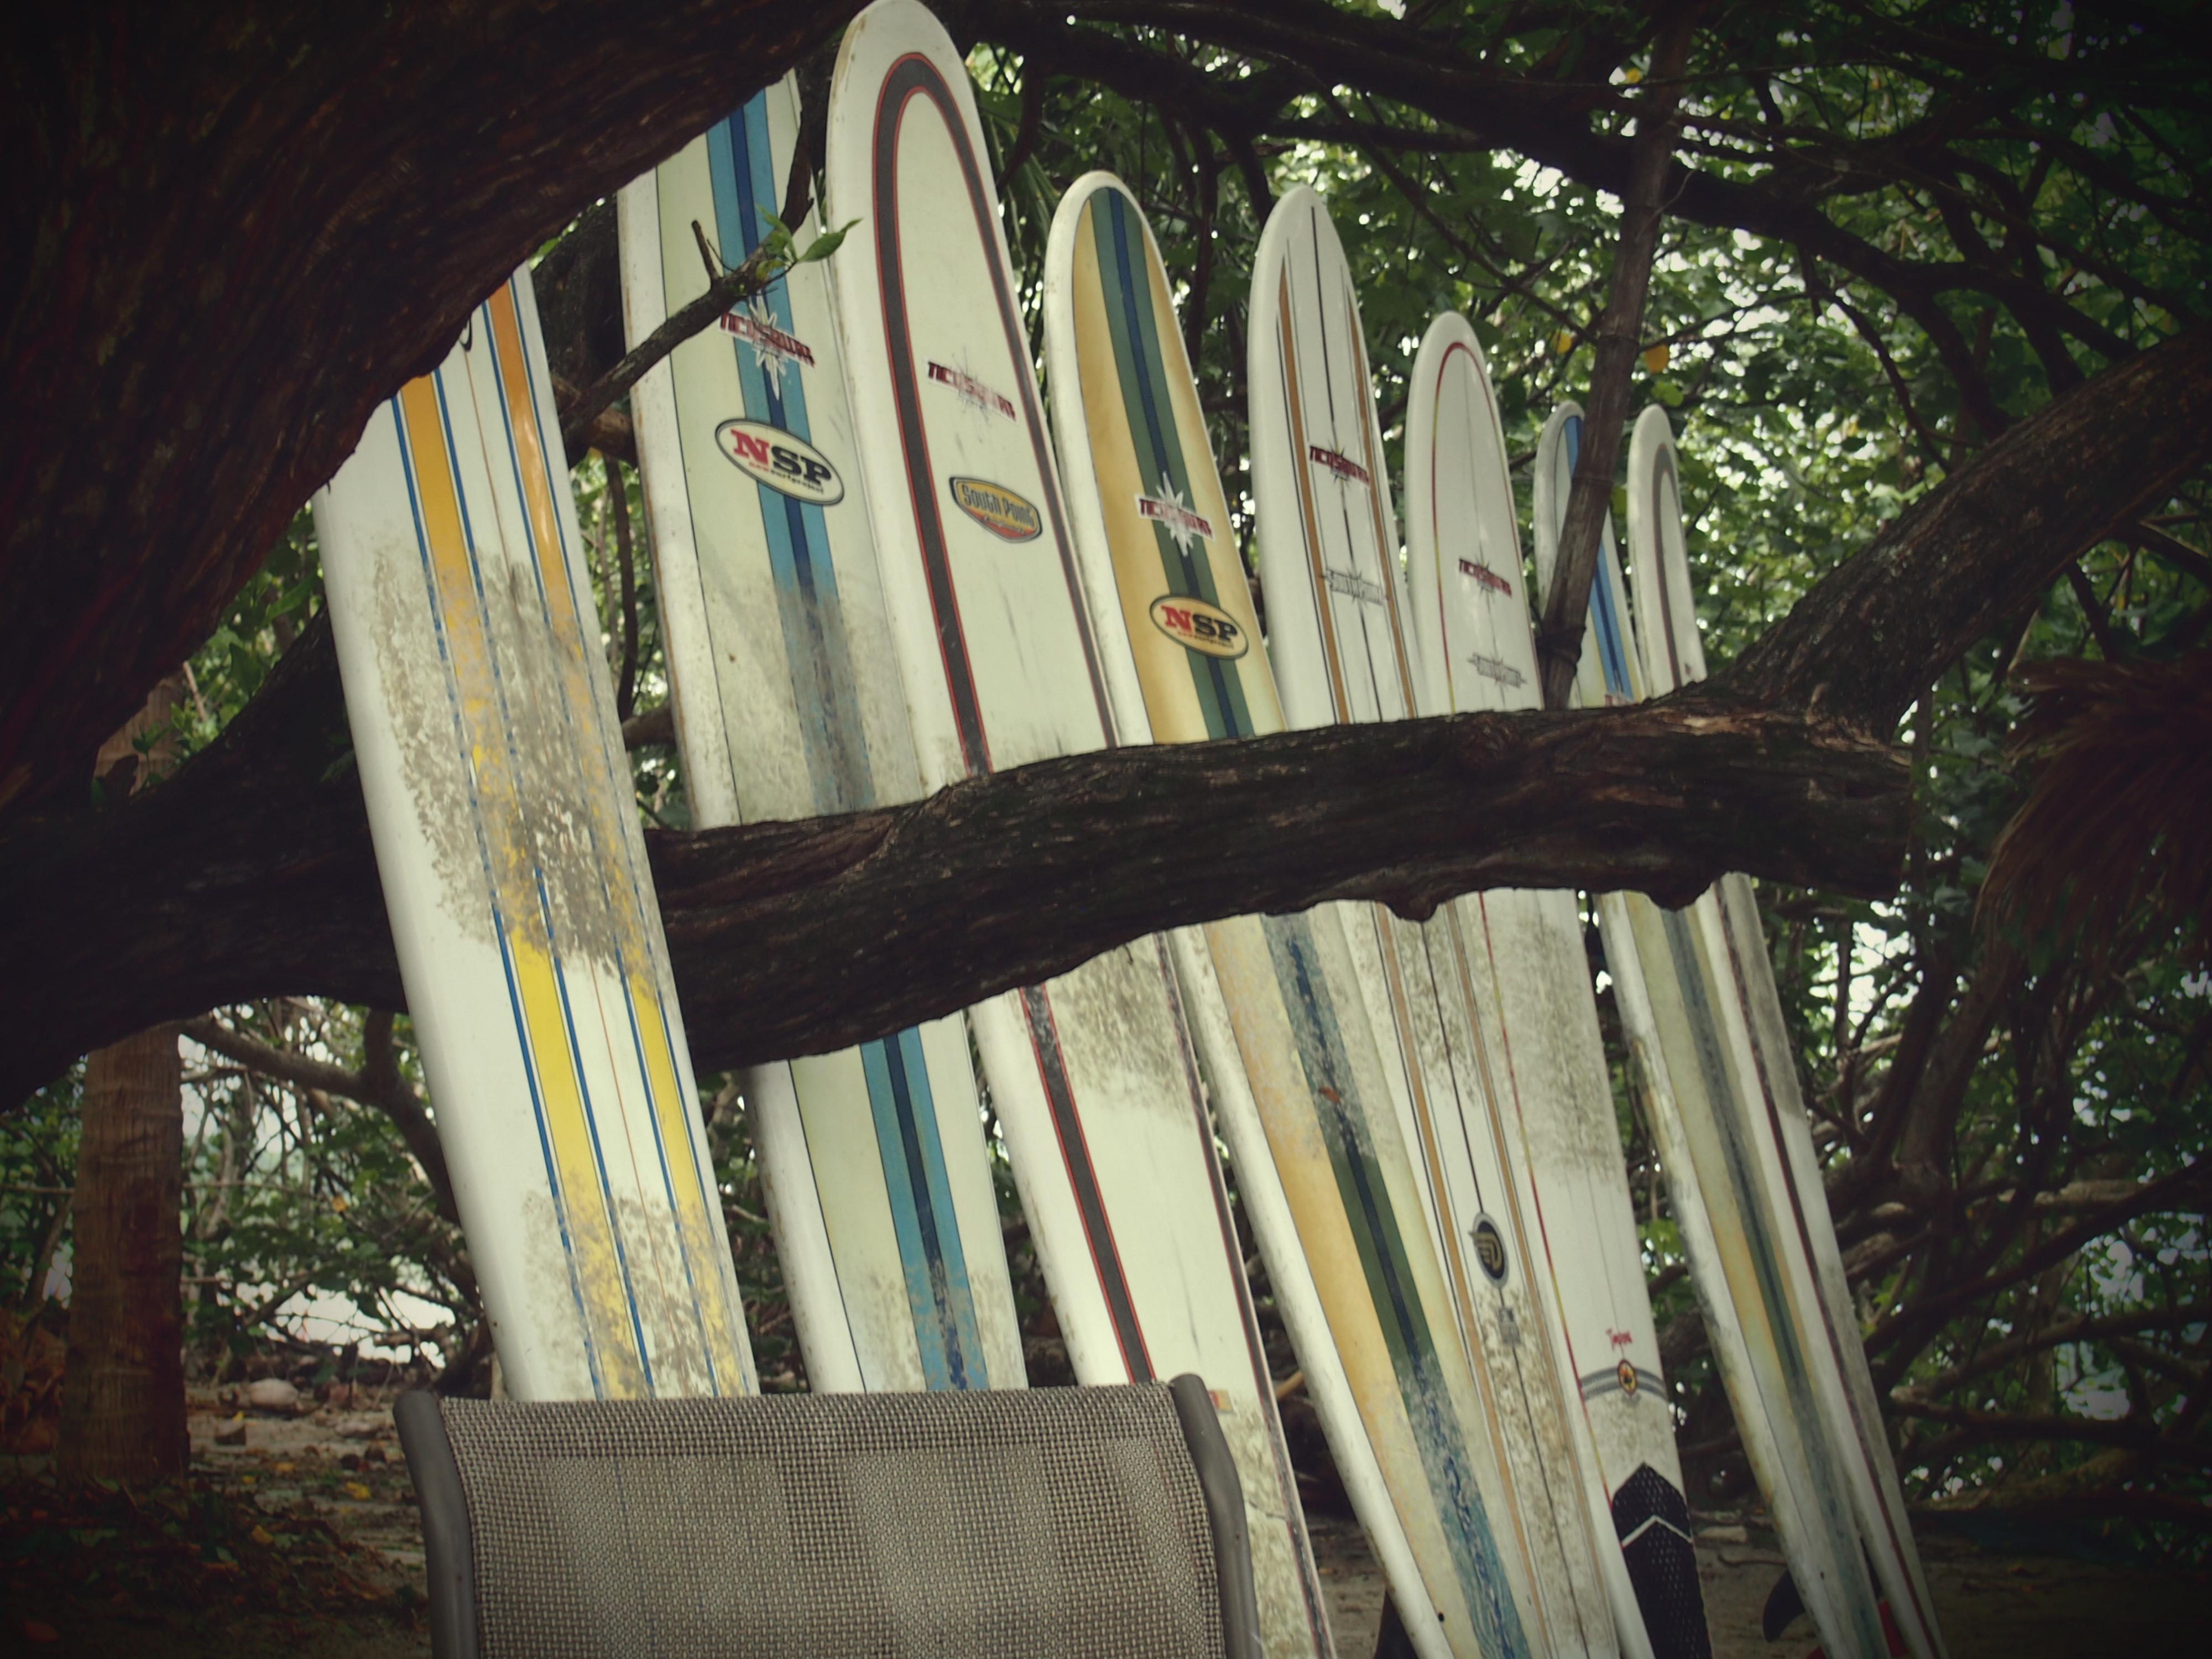 Ticos surf school